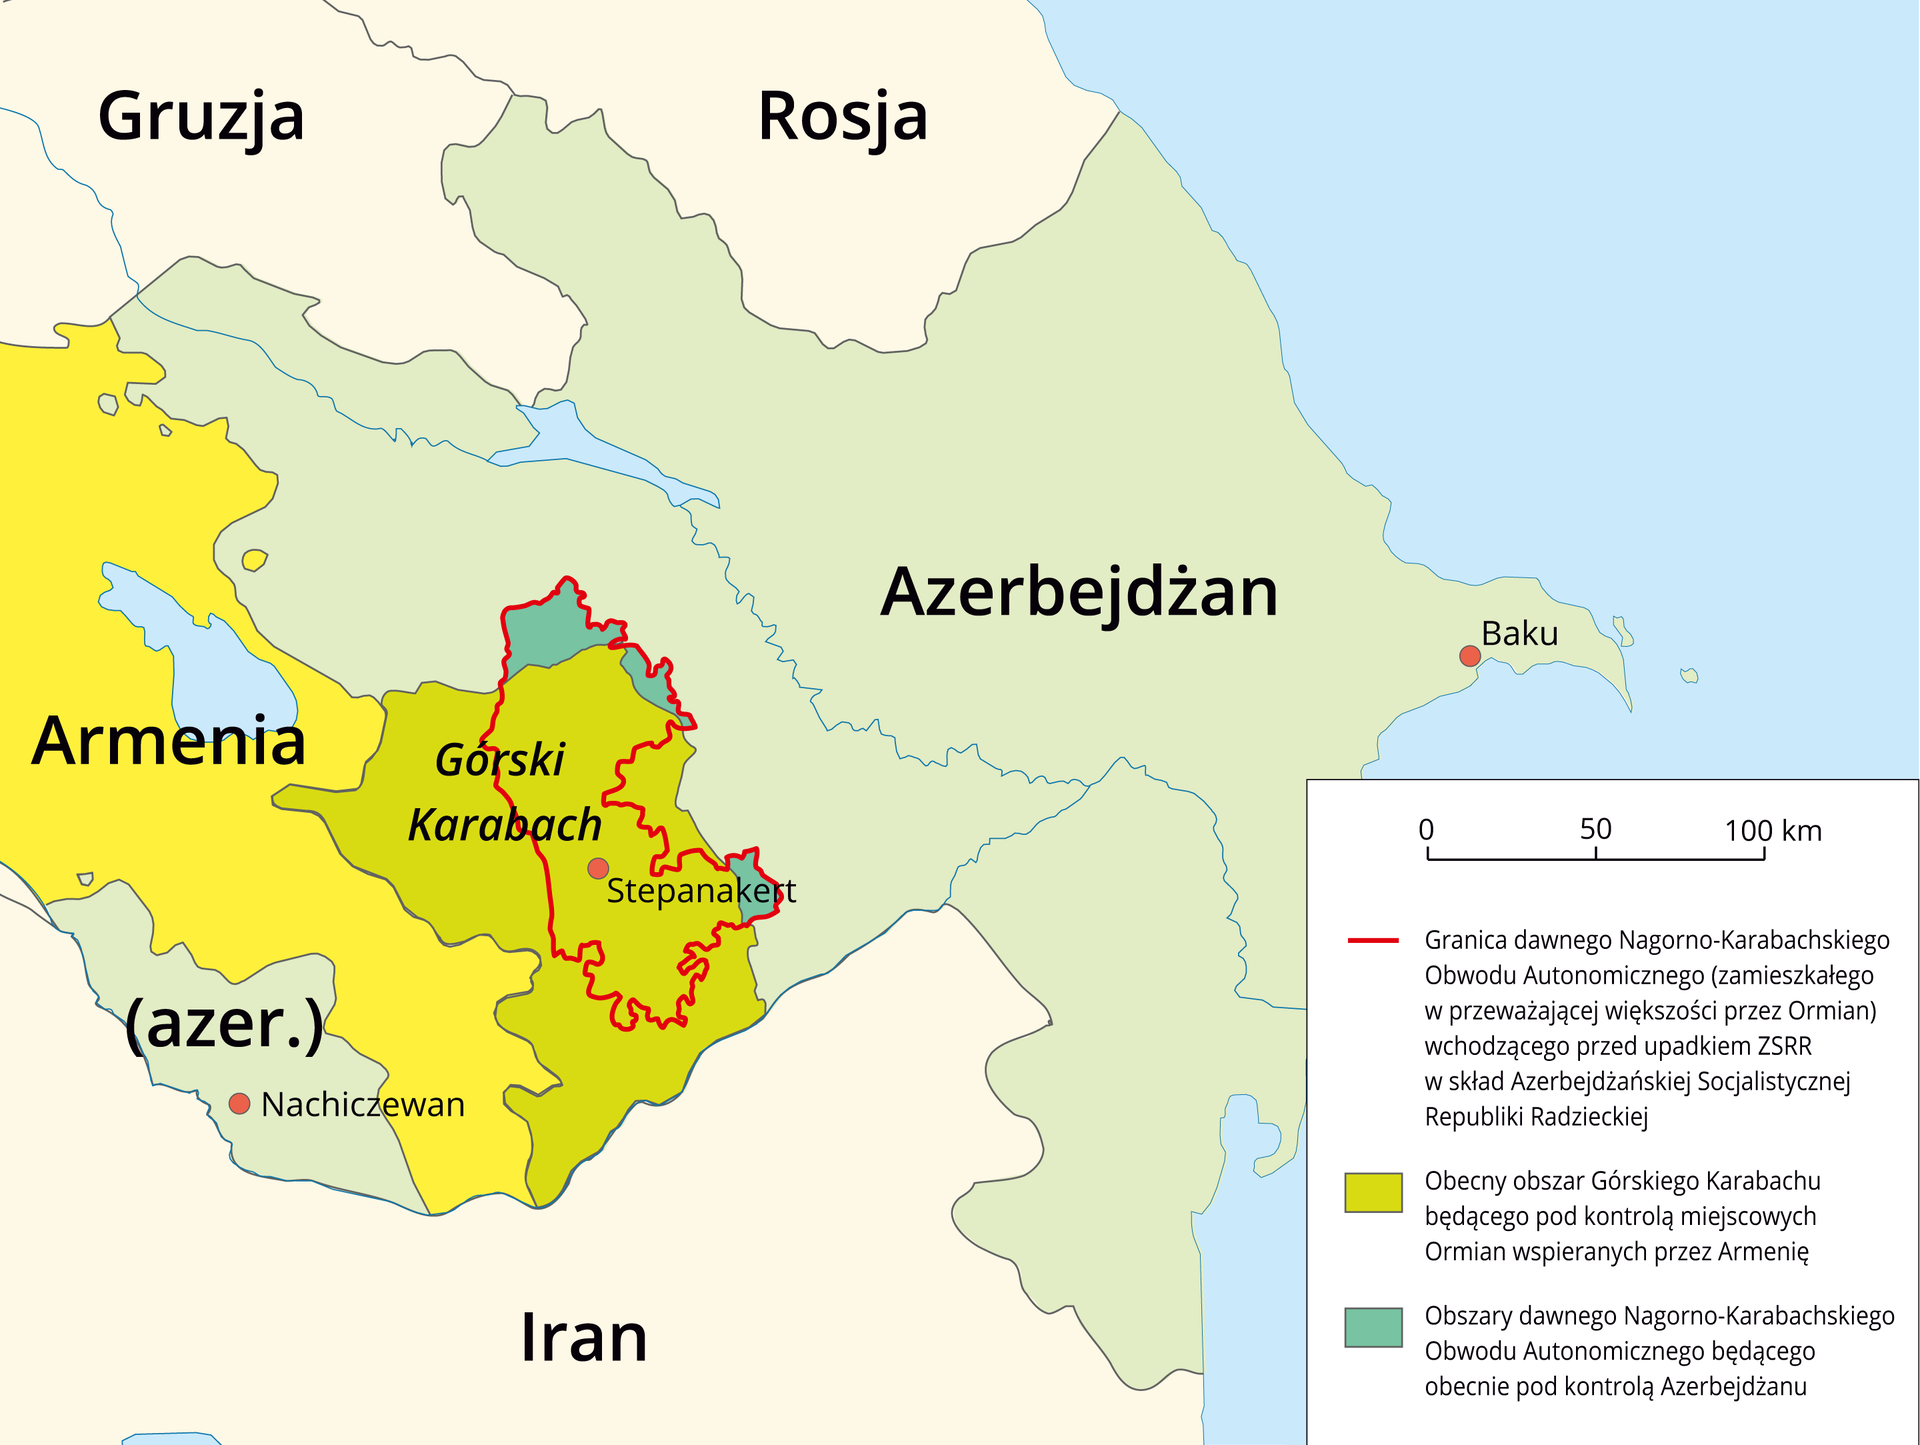 Na ilustracji mapa wschodniej część Kaukazu. Po lewej stronie mapy ląd: Gruzja, Rosja, Armenia, Azerbejdżan, górski Karabach, Iran. Po prawej stronie morze, kolor niebieski. Centralna część mapy przedstawia zmiany zasięgu Górskiego Karabachu. Kolorem zielonym oznaczono obecny zasięg Górskiego Karabachu, czerwoną linią granicę Nagorno-Karabachskiego Obwodu Autonomicznego wchodzącego dawniej wskład Azerbejdżańskiej Socjalistycznej Republiki Radzieckiej. Kolorem ciemnozielonym oznaczono obszary dawnego Nagorno-Karabachskiego Obwodu Autonomicznego, obecnie pod kontrolą Azerbejdżanu. Zprawej strony legenda zobjaśnieniami kolorów użytych na mapie.